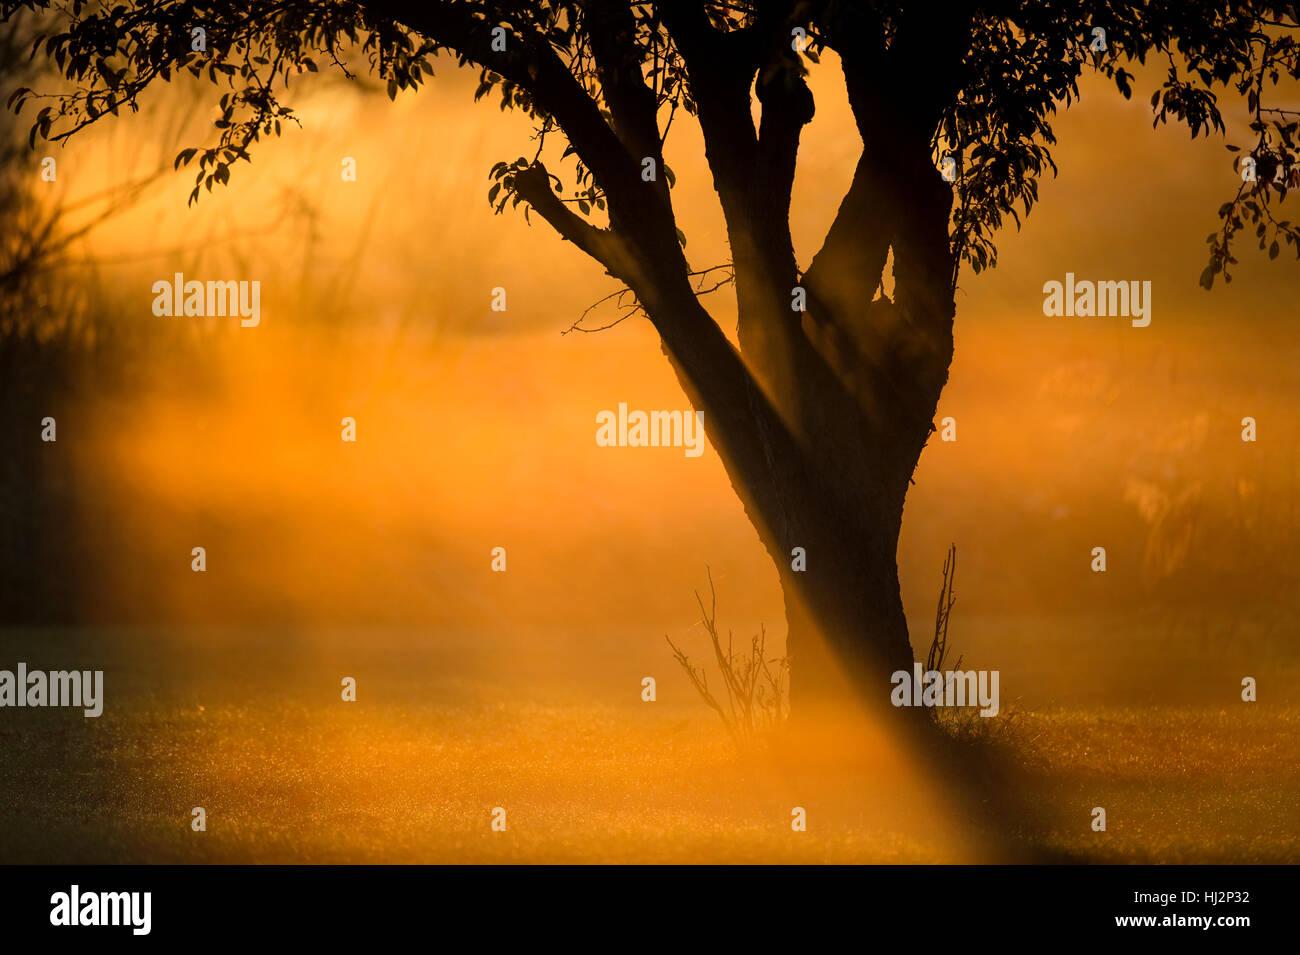 Un árbol se encuentra en un campo abierto como el sol hace la niebla de la mañana un resplandor naranja Imagen De Stock